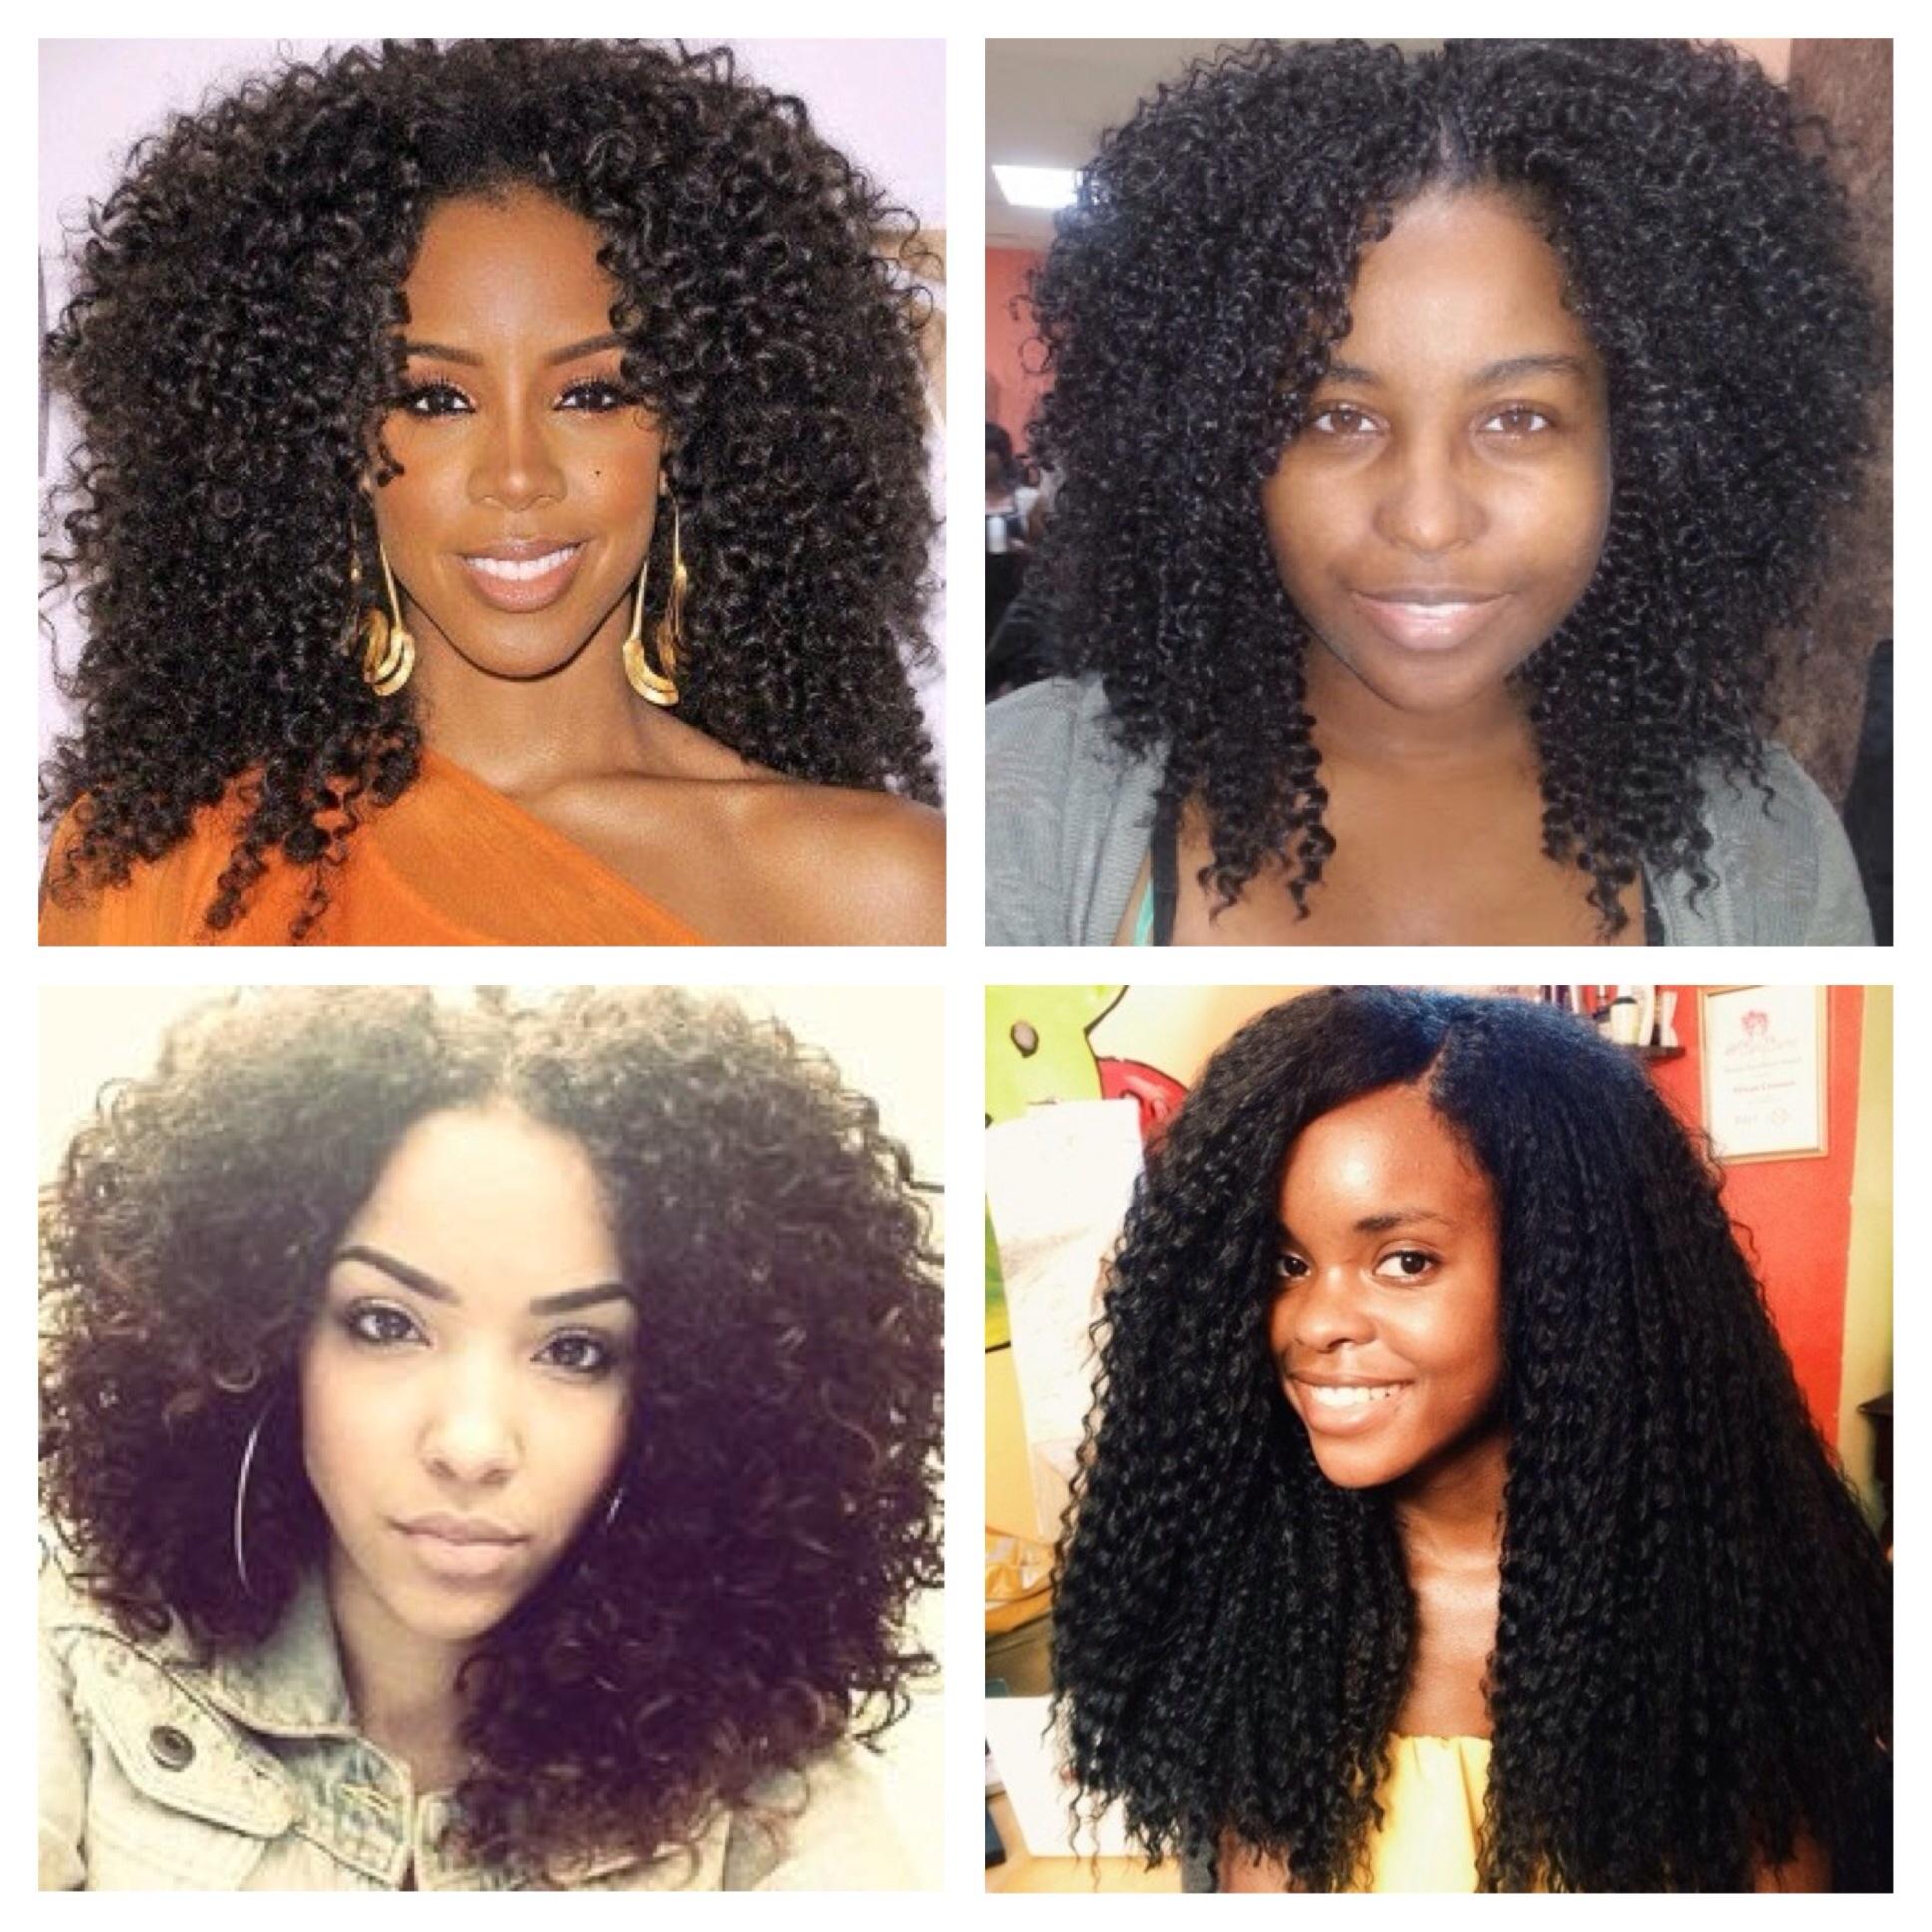 Astounding Natural Protective Hairstyles For Black Hair Viviannesblog Short Hairstyles For Black Women Fulllsitofus